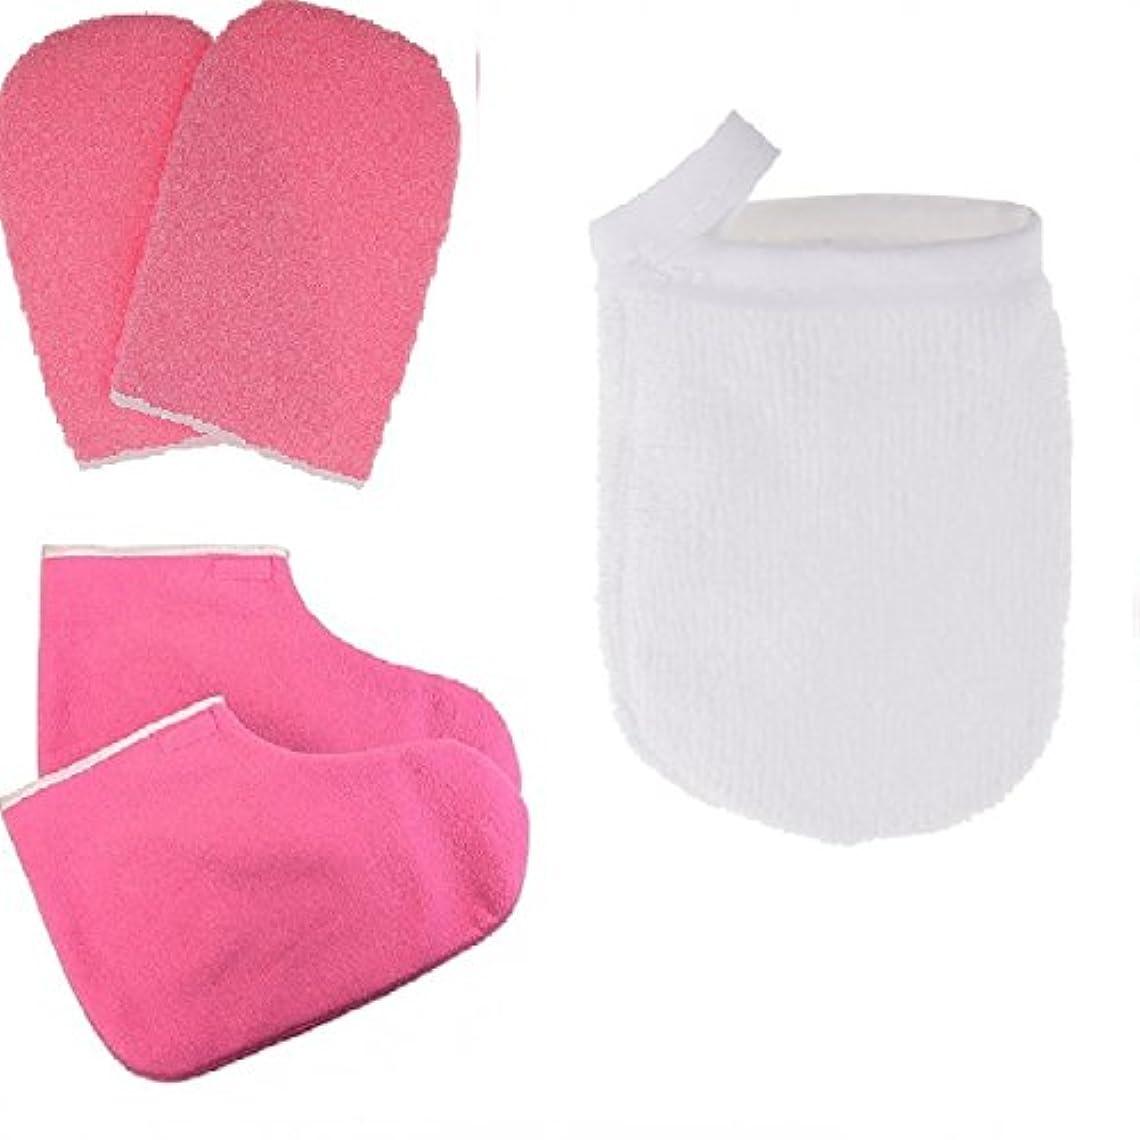 スカリー爆発する合わせてCUTICATE パラフィン蝋手袋およびブーティのスキンケアが付いている表面構造の清潔になる手袋